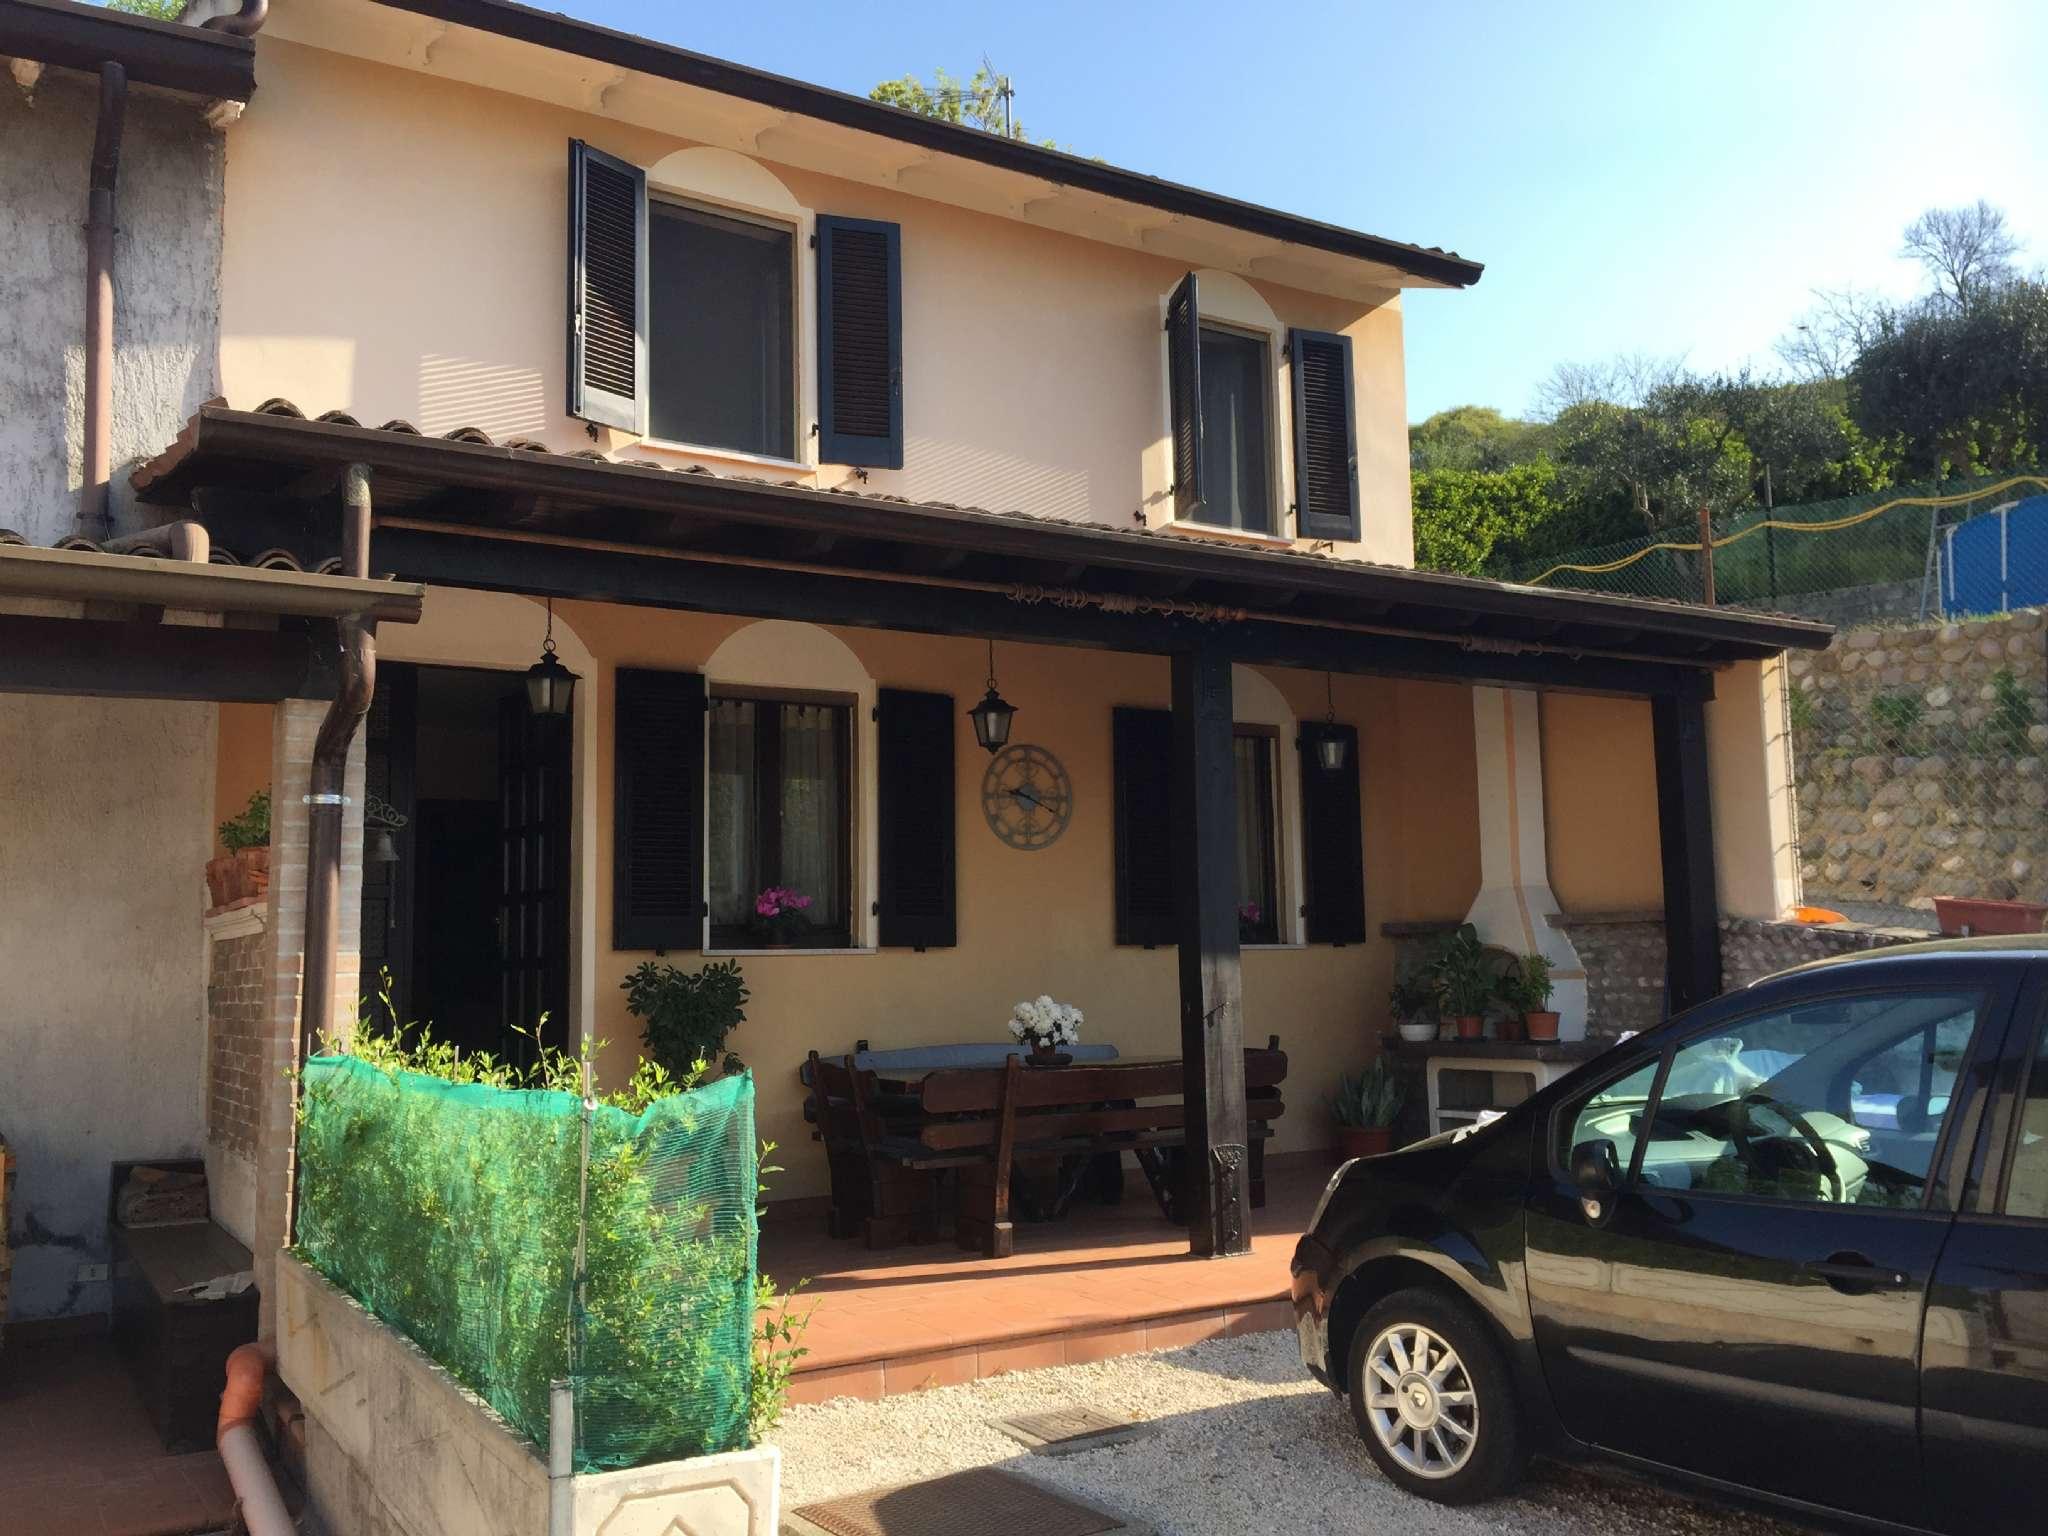 Soluzione Indipendente in vendita a Montichiari, 7 locali, prezzo € 210.000   CambioCasa.it